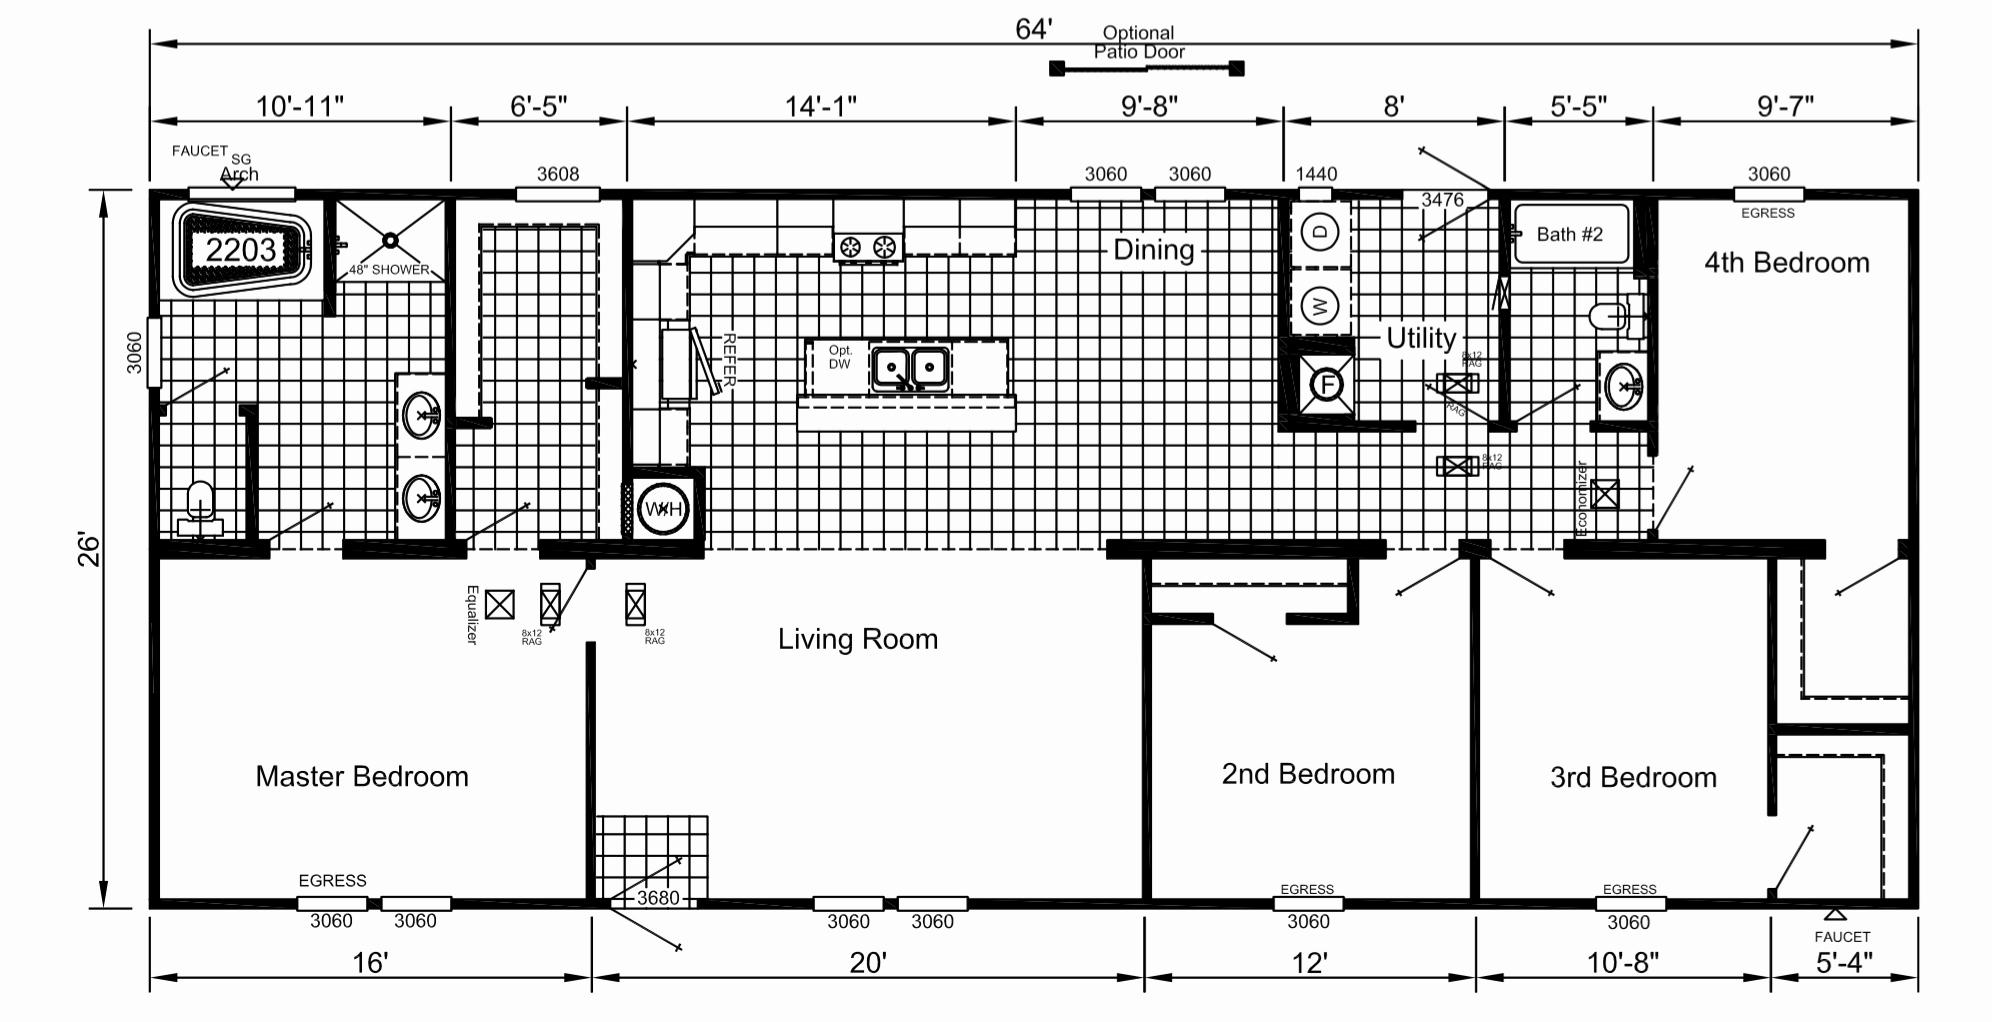 Excel Floor Plan Template Unique top 28 Floor Plans Excel Template Office Floor Plan